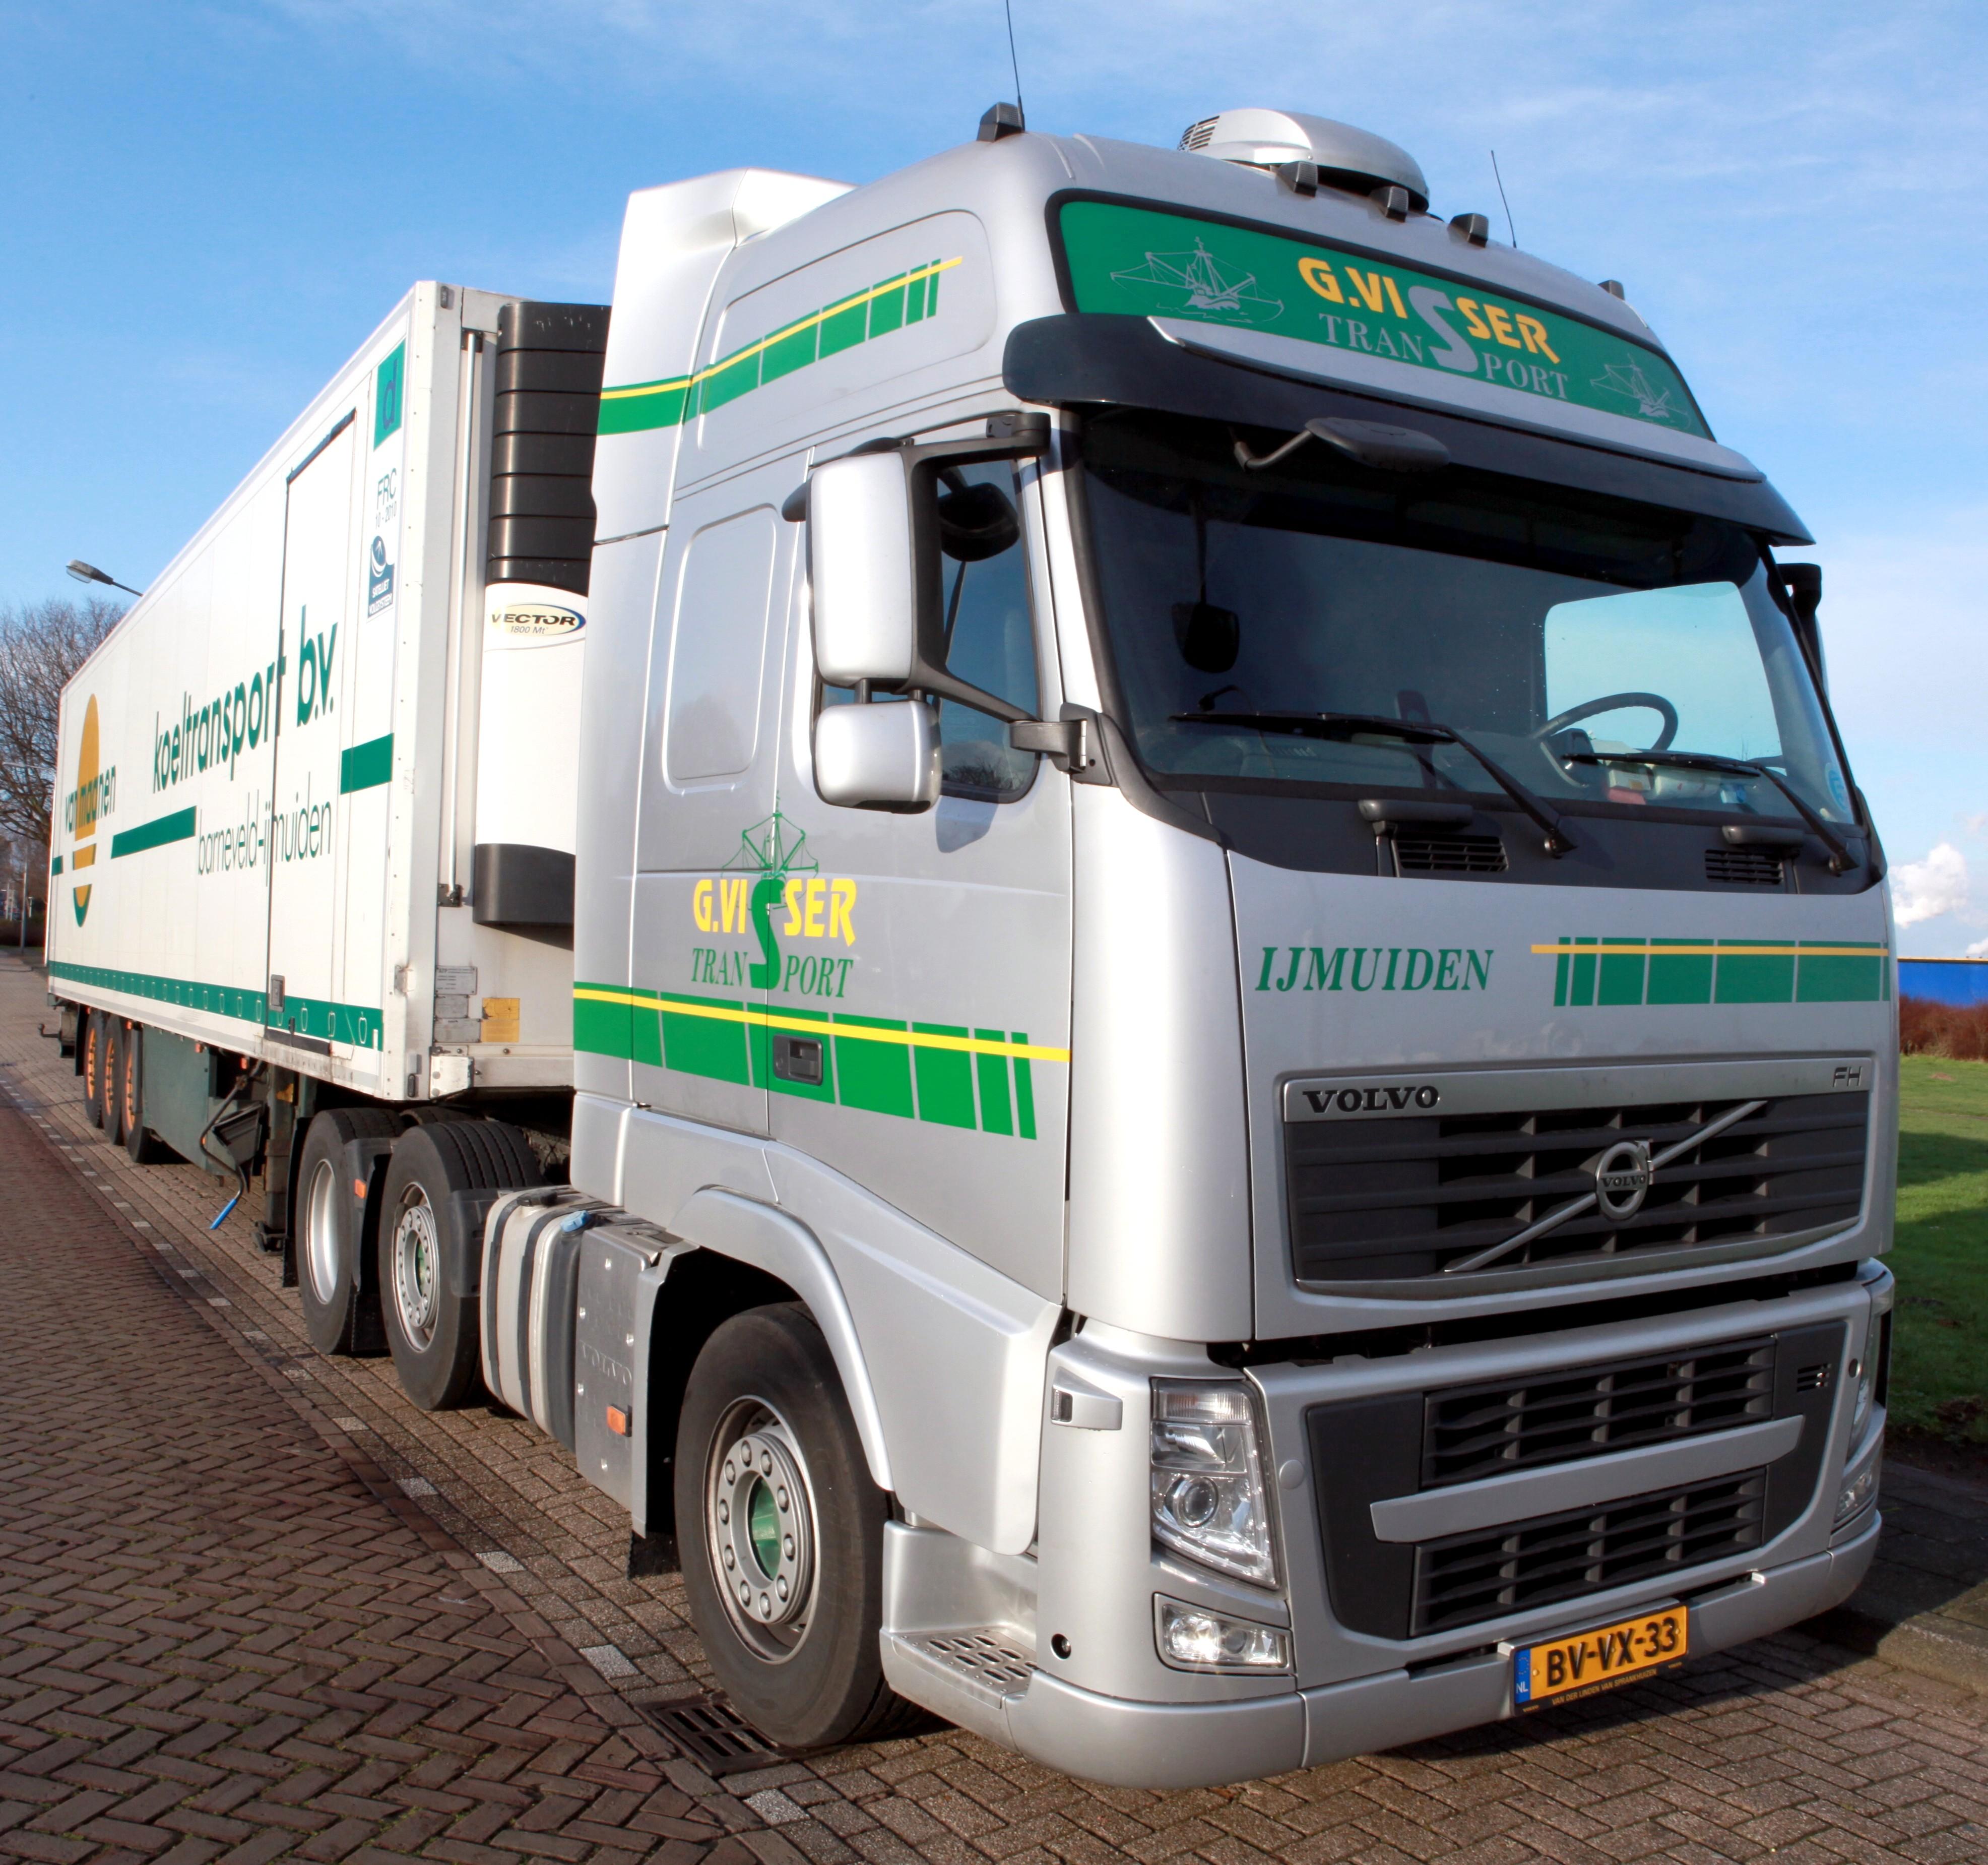 Betere File:Volvo FH G. Visser Transport IJmuiden.jpg - Wikimedia Commons DJ-81